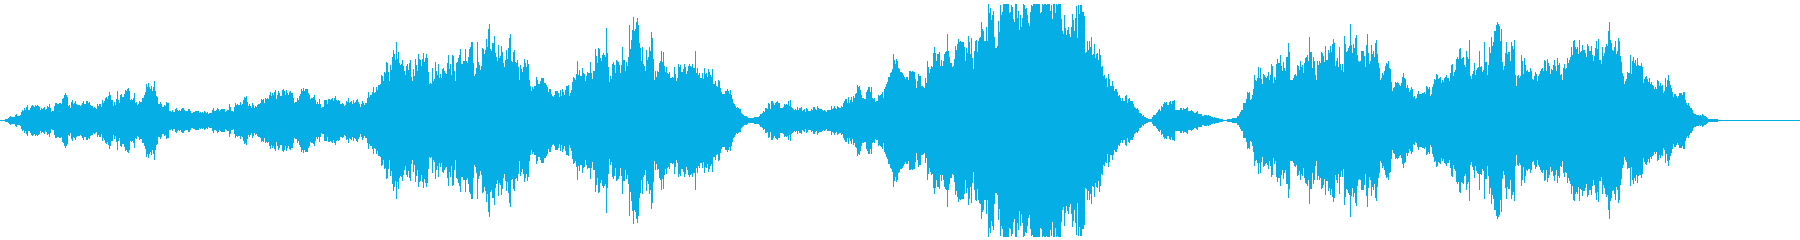 感動的なラストシーンのBGMの再生済みの波形